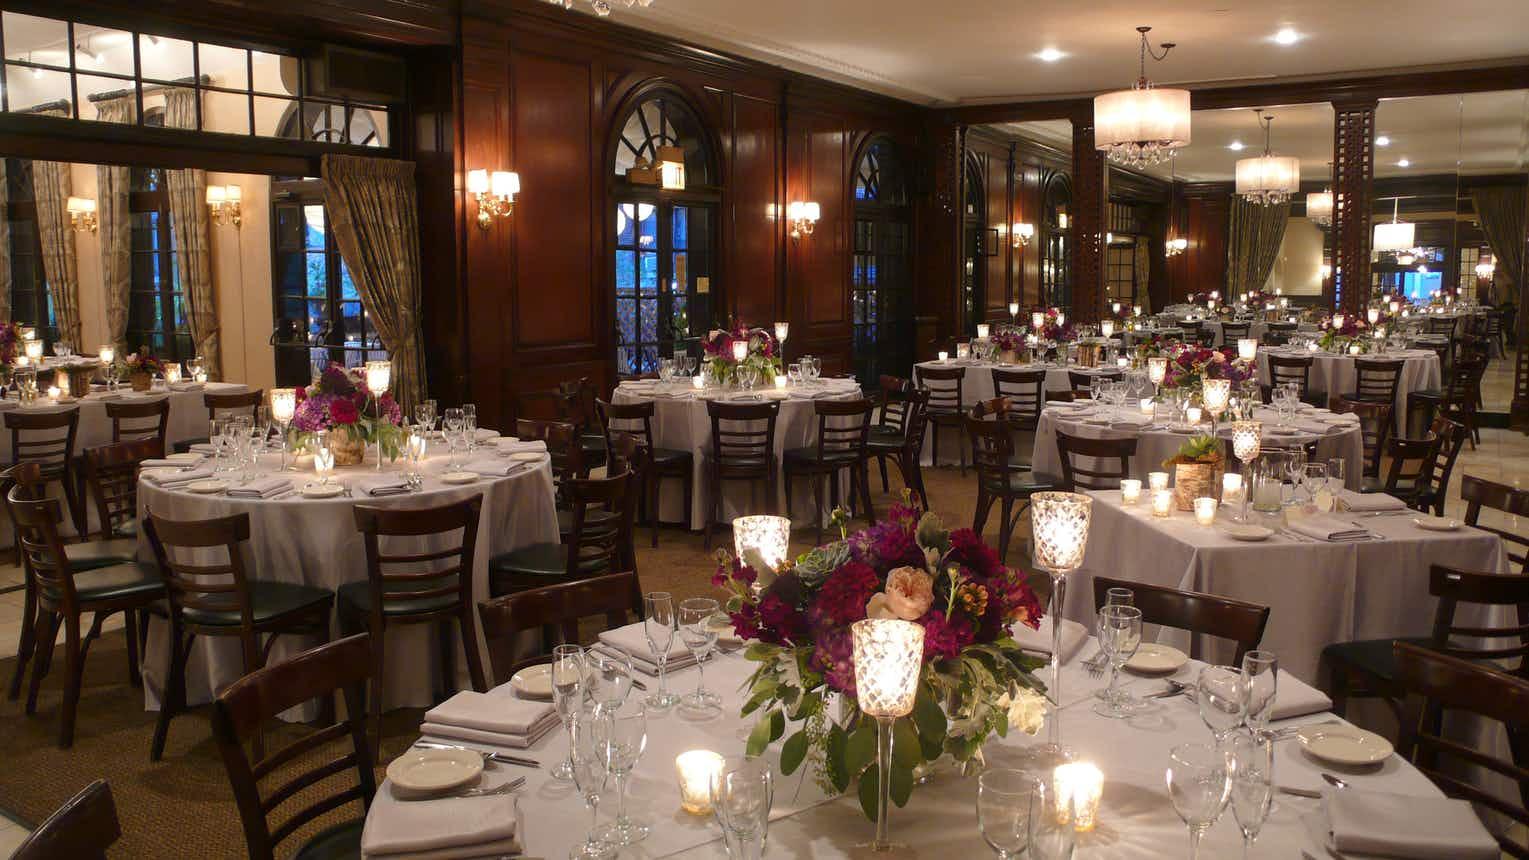 10-of-Our-Favorite-Luxury-Wedding-Venue-in-the-U.S.-00008.jpg